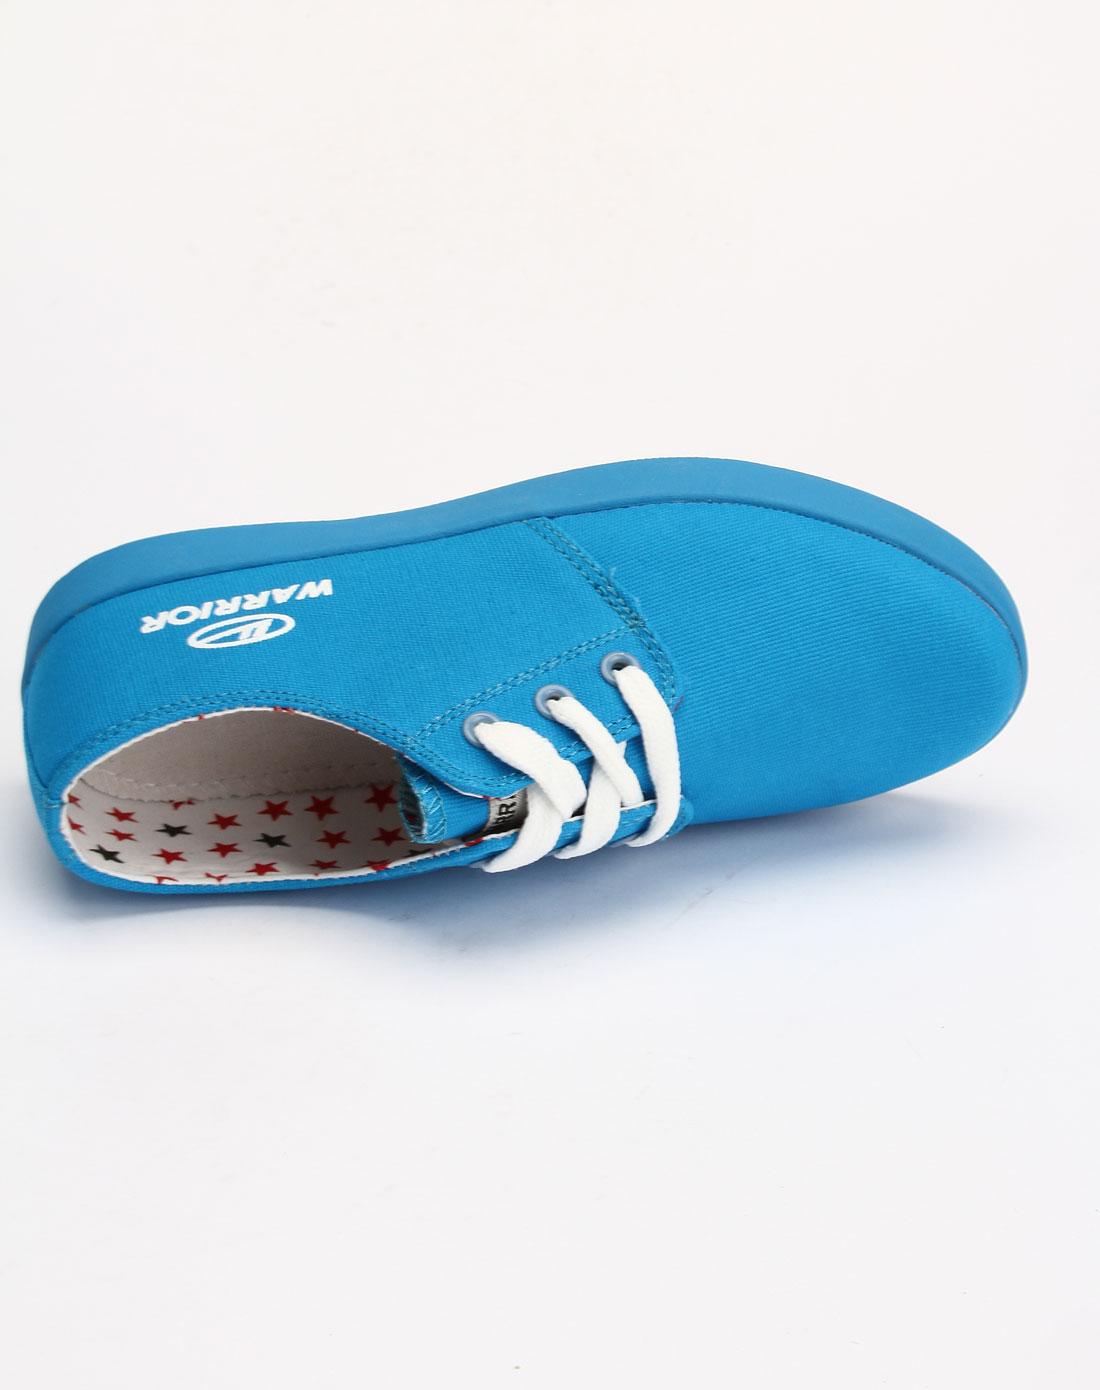 回力warrior男女鞋女款蓝色时尚系带休闲鞋2265-18